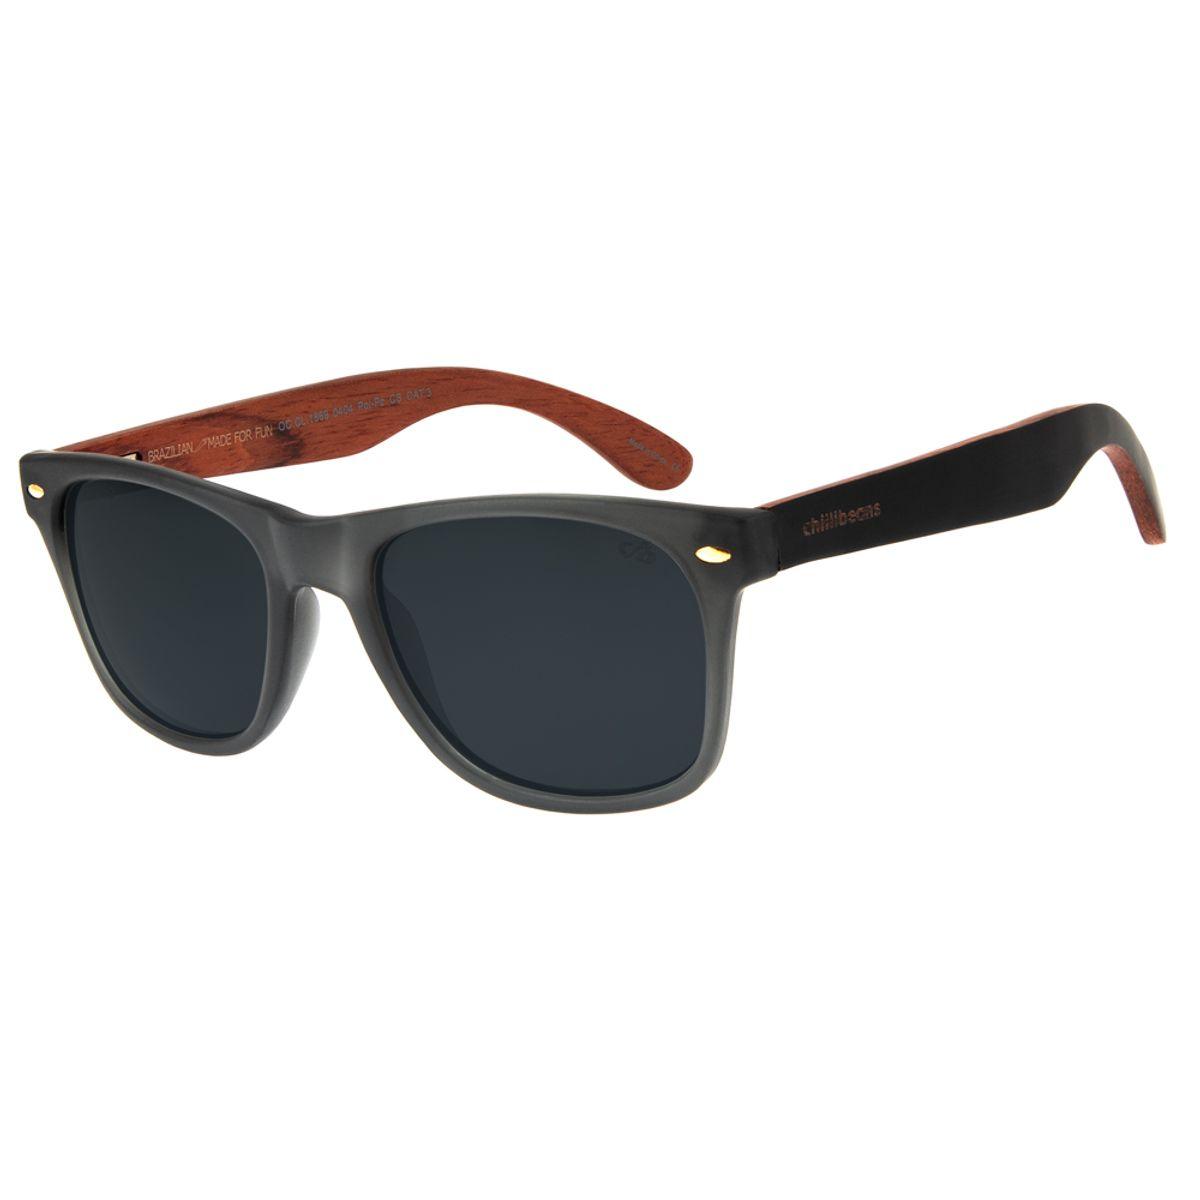 914365ba6 Óculos de Sol Chilli Beans Masculino Polarizado Haste Madeira Cinza ...